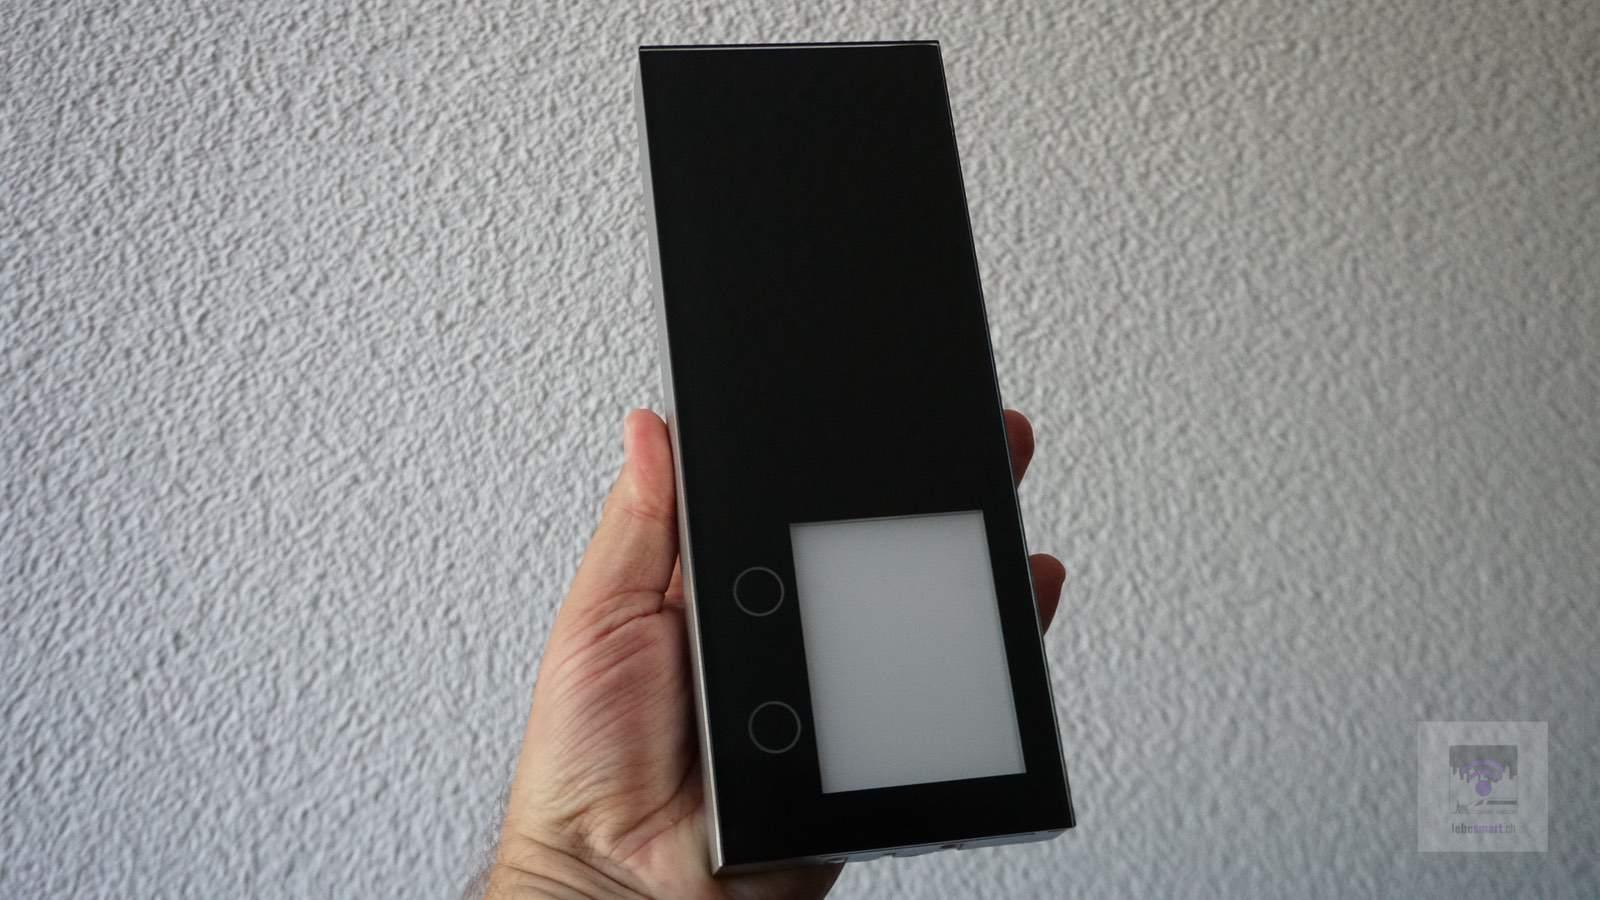 DoorLine Slim DECT kurz angetestet – Smarte Türklingel ohne Cloud